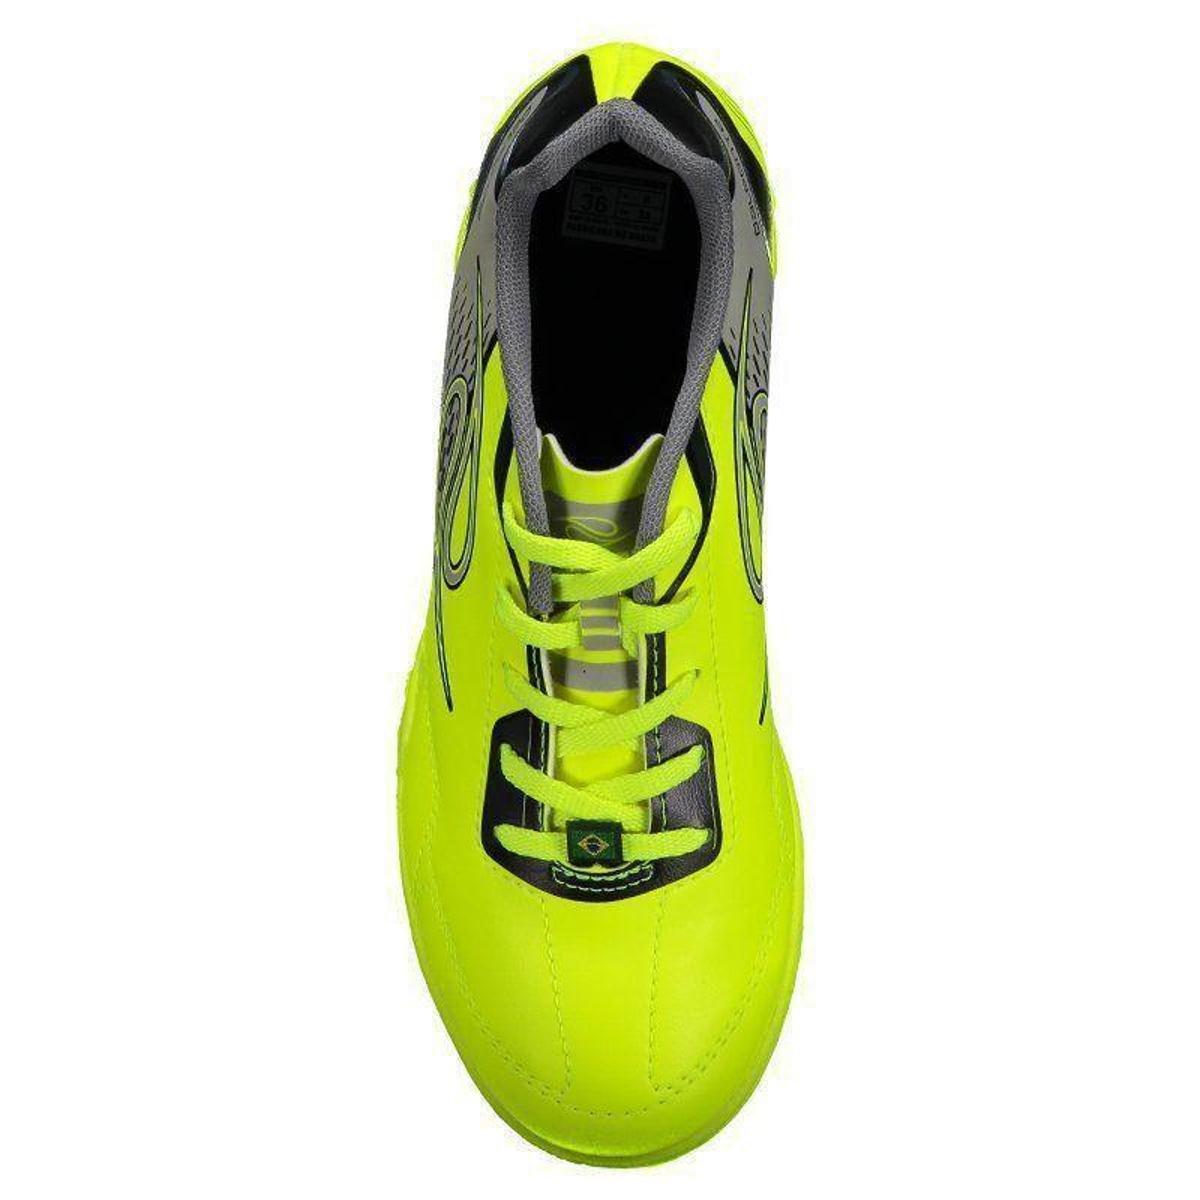 Chuteira Futsal infantil Dalponte Class - Amarelo - Compre Agora ... 26b42cc3c0ae8